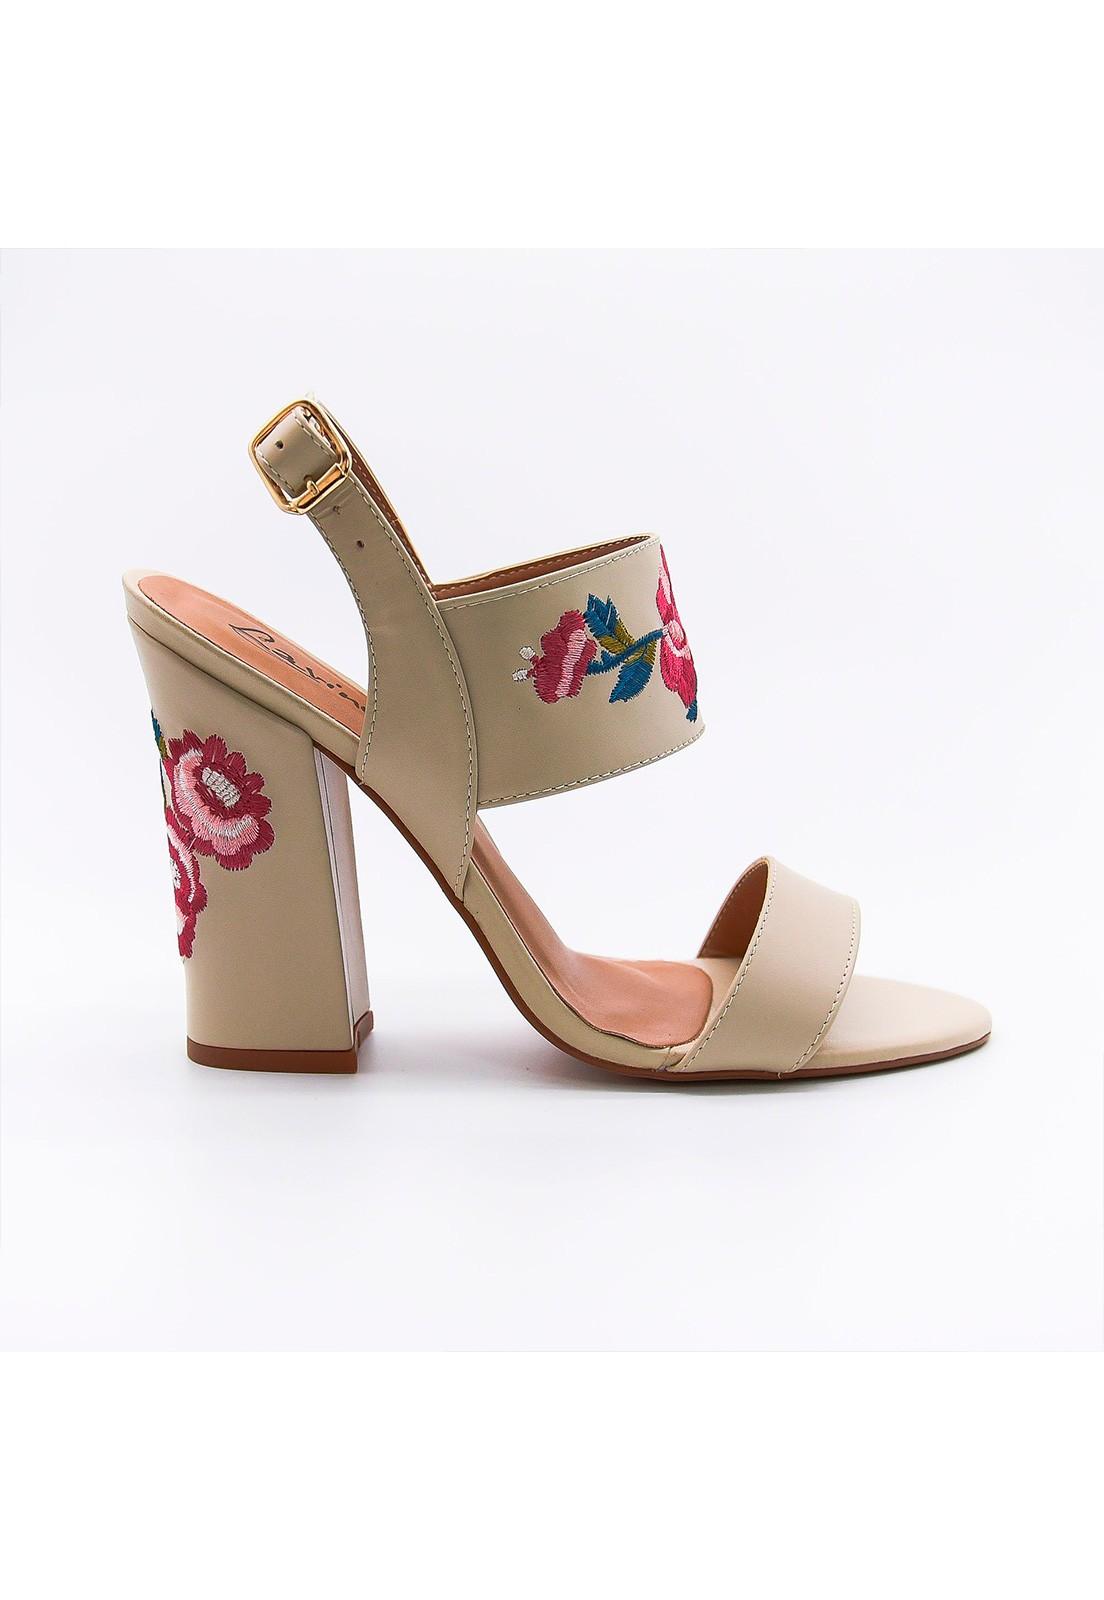 Sandália couro off-white bordada floral Lavine